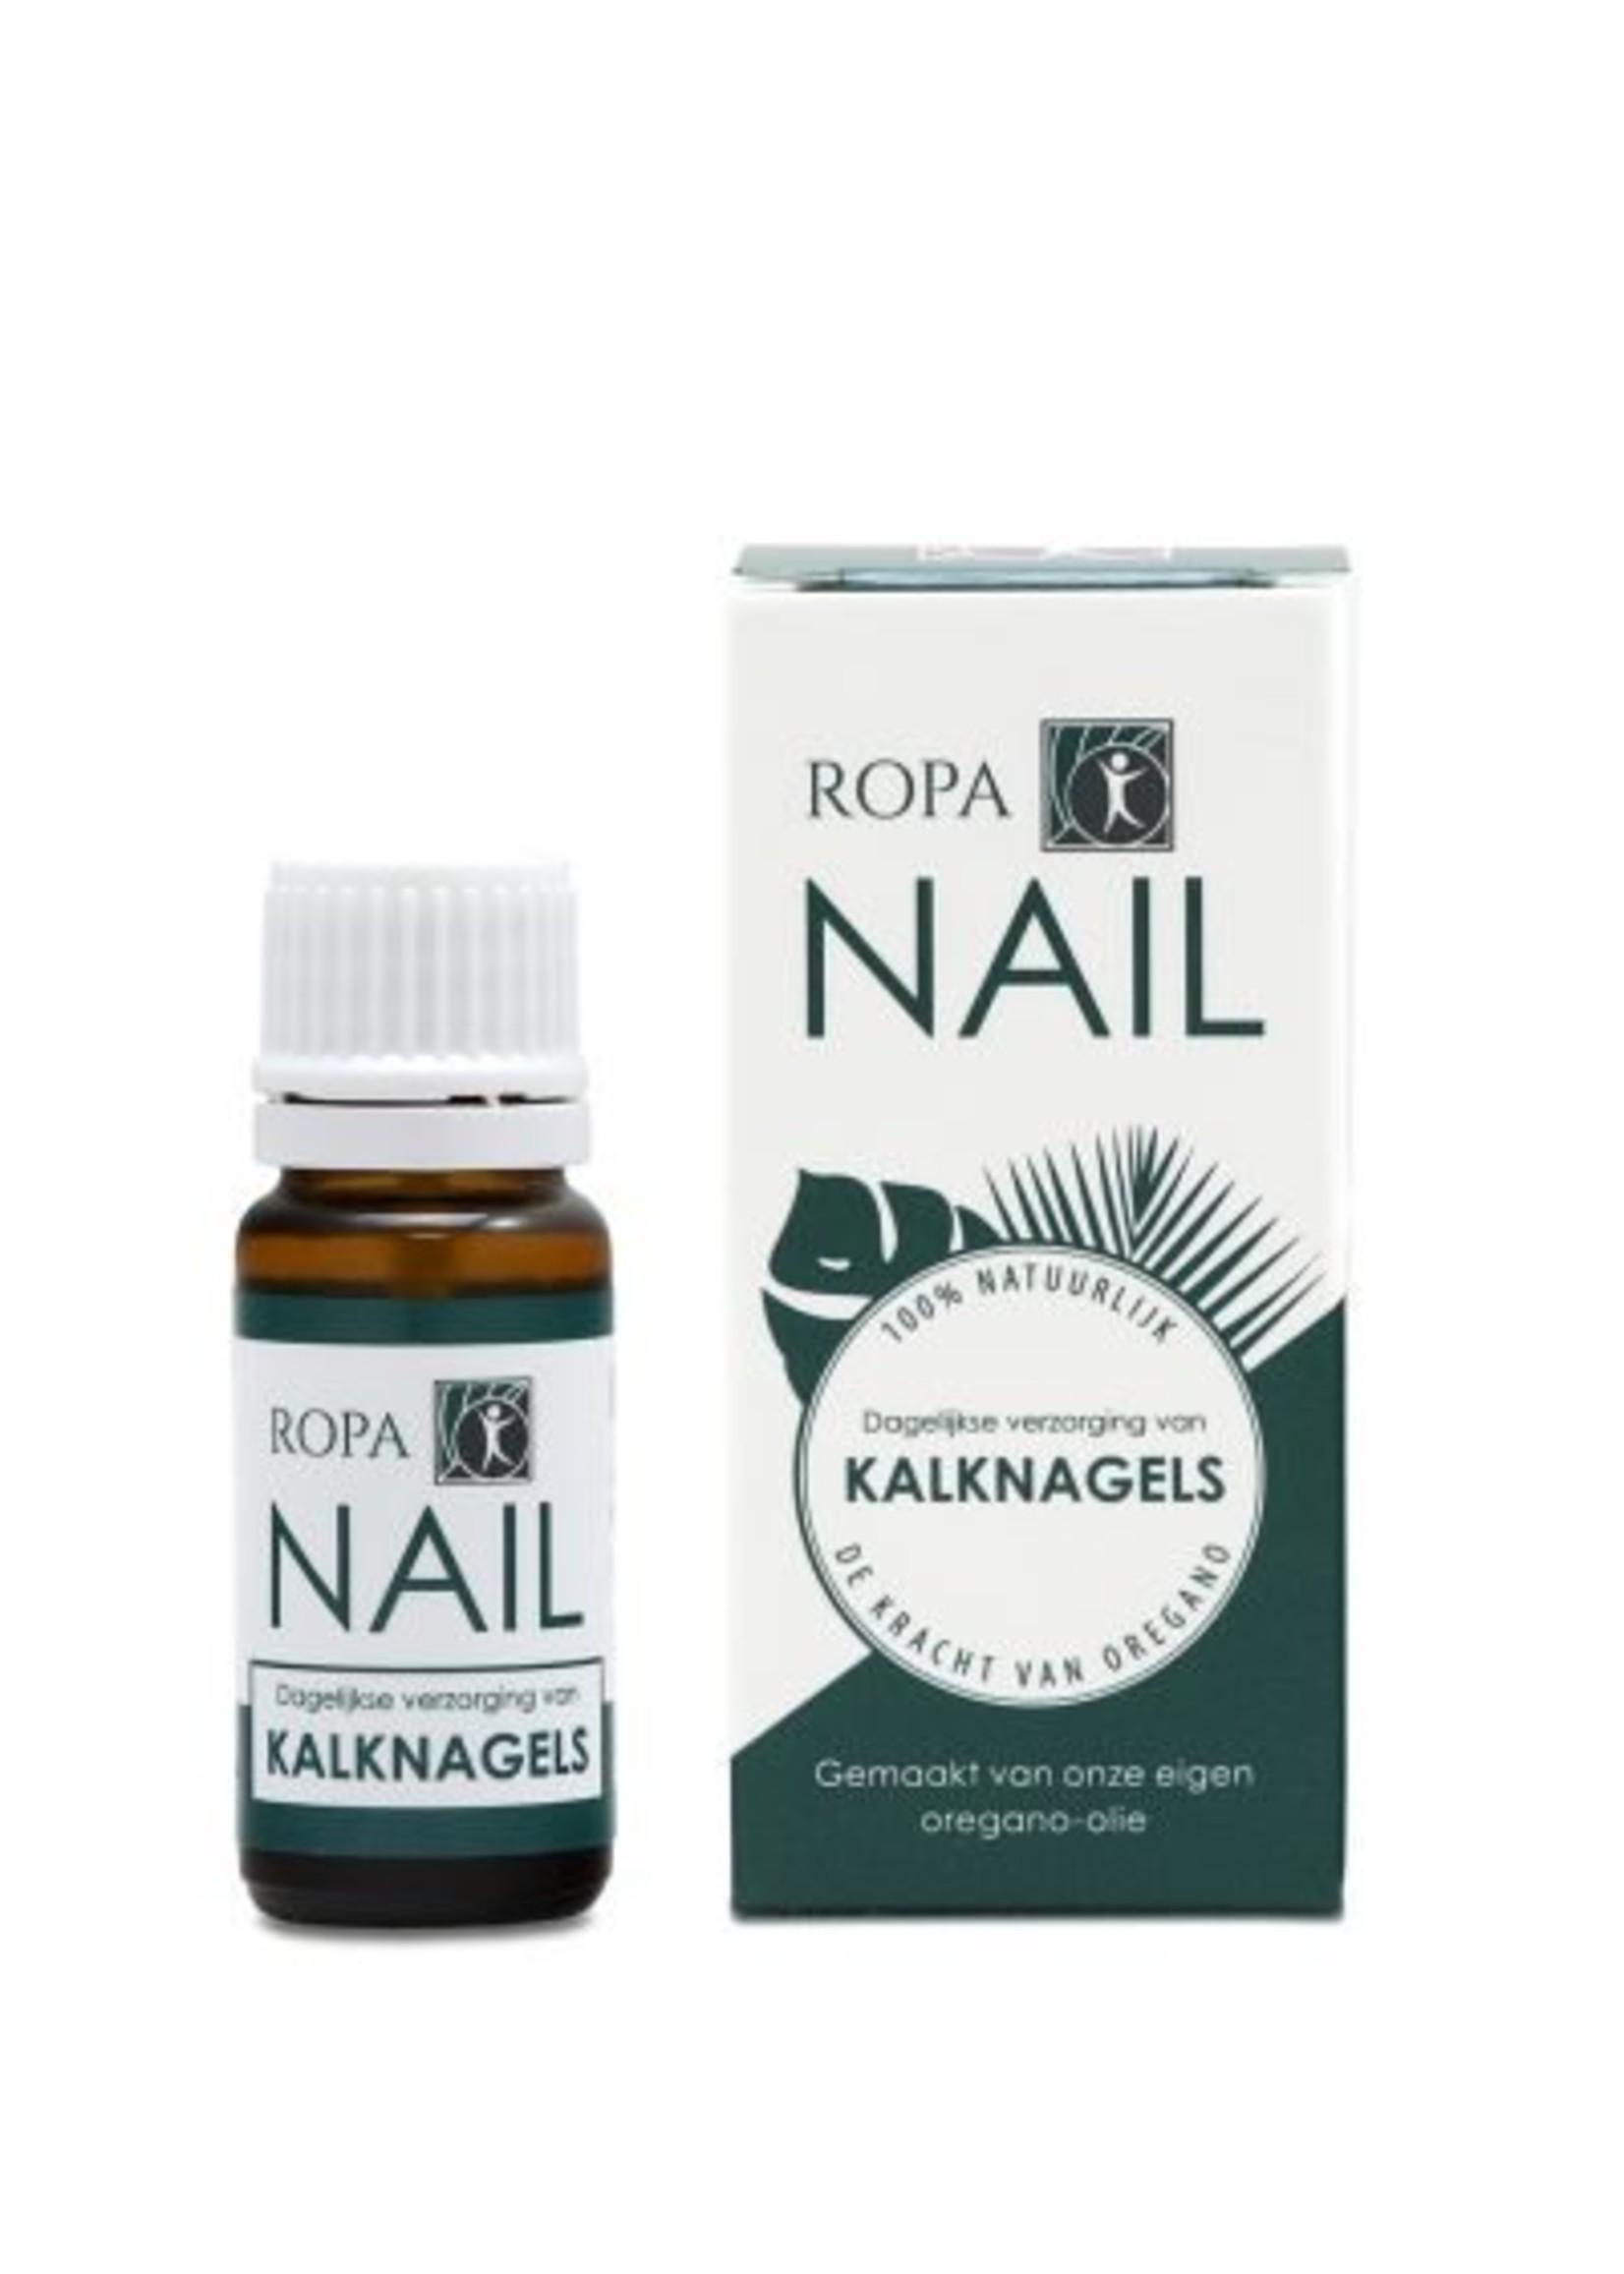 RopaNAIL - 100 % natuurlijke kalknagel olie voor de dagelijkse verzorging - 10 ml